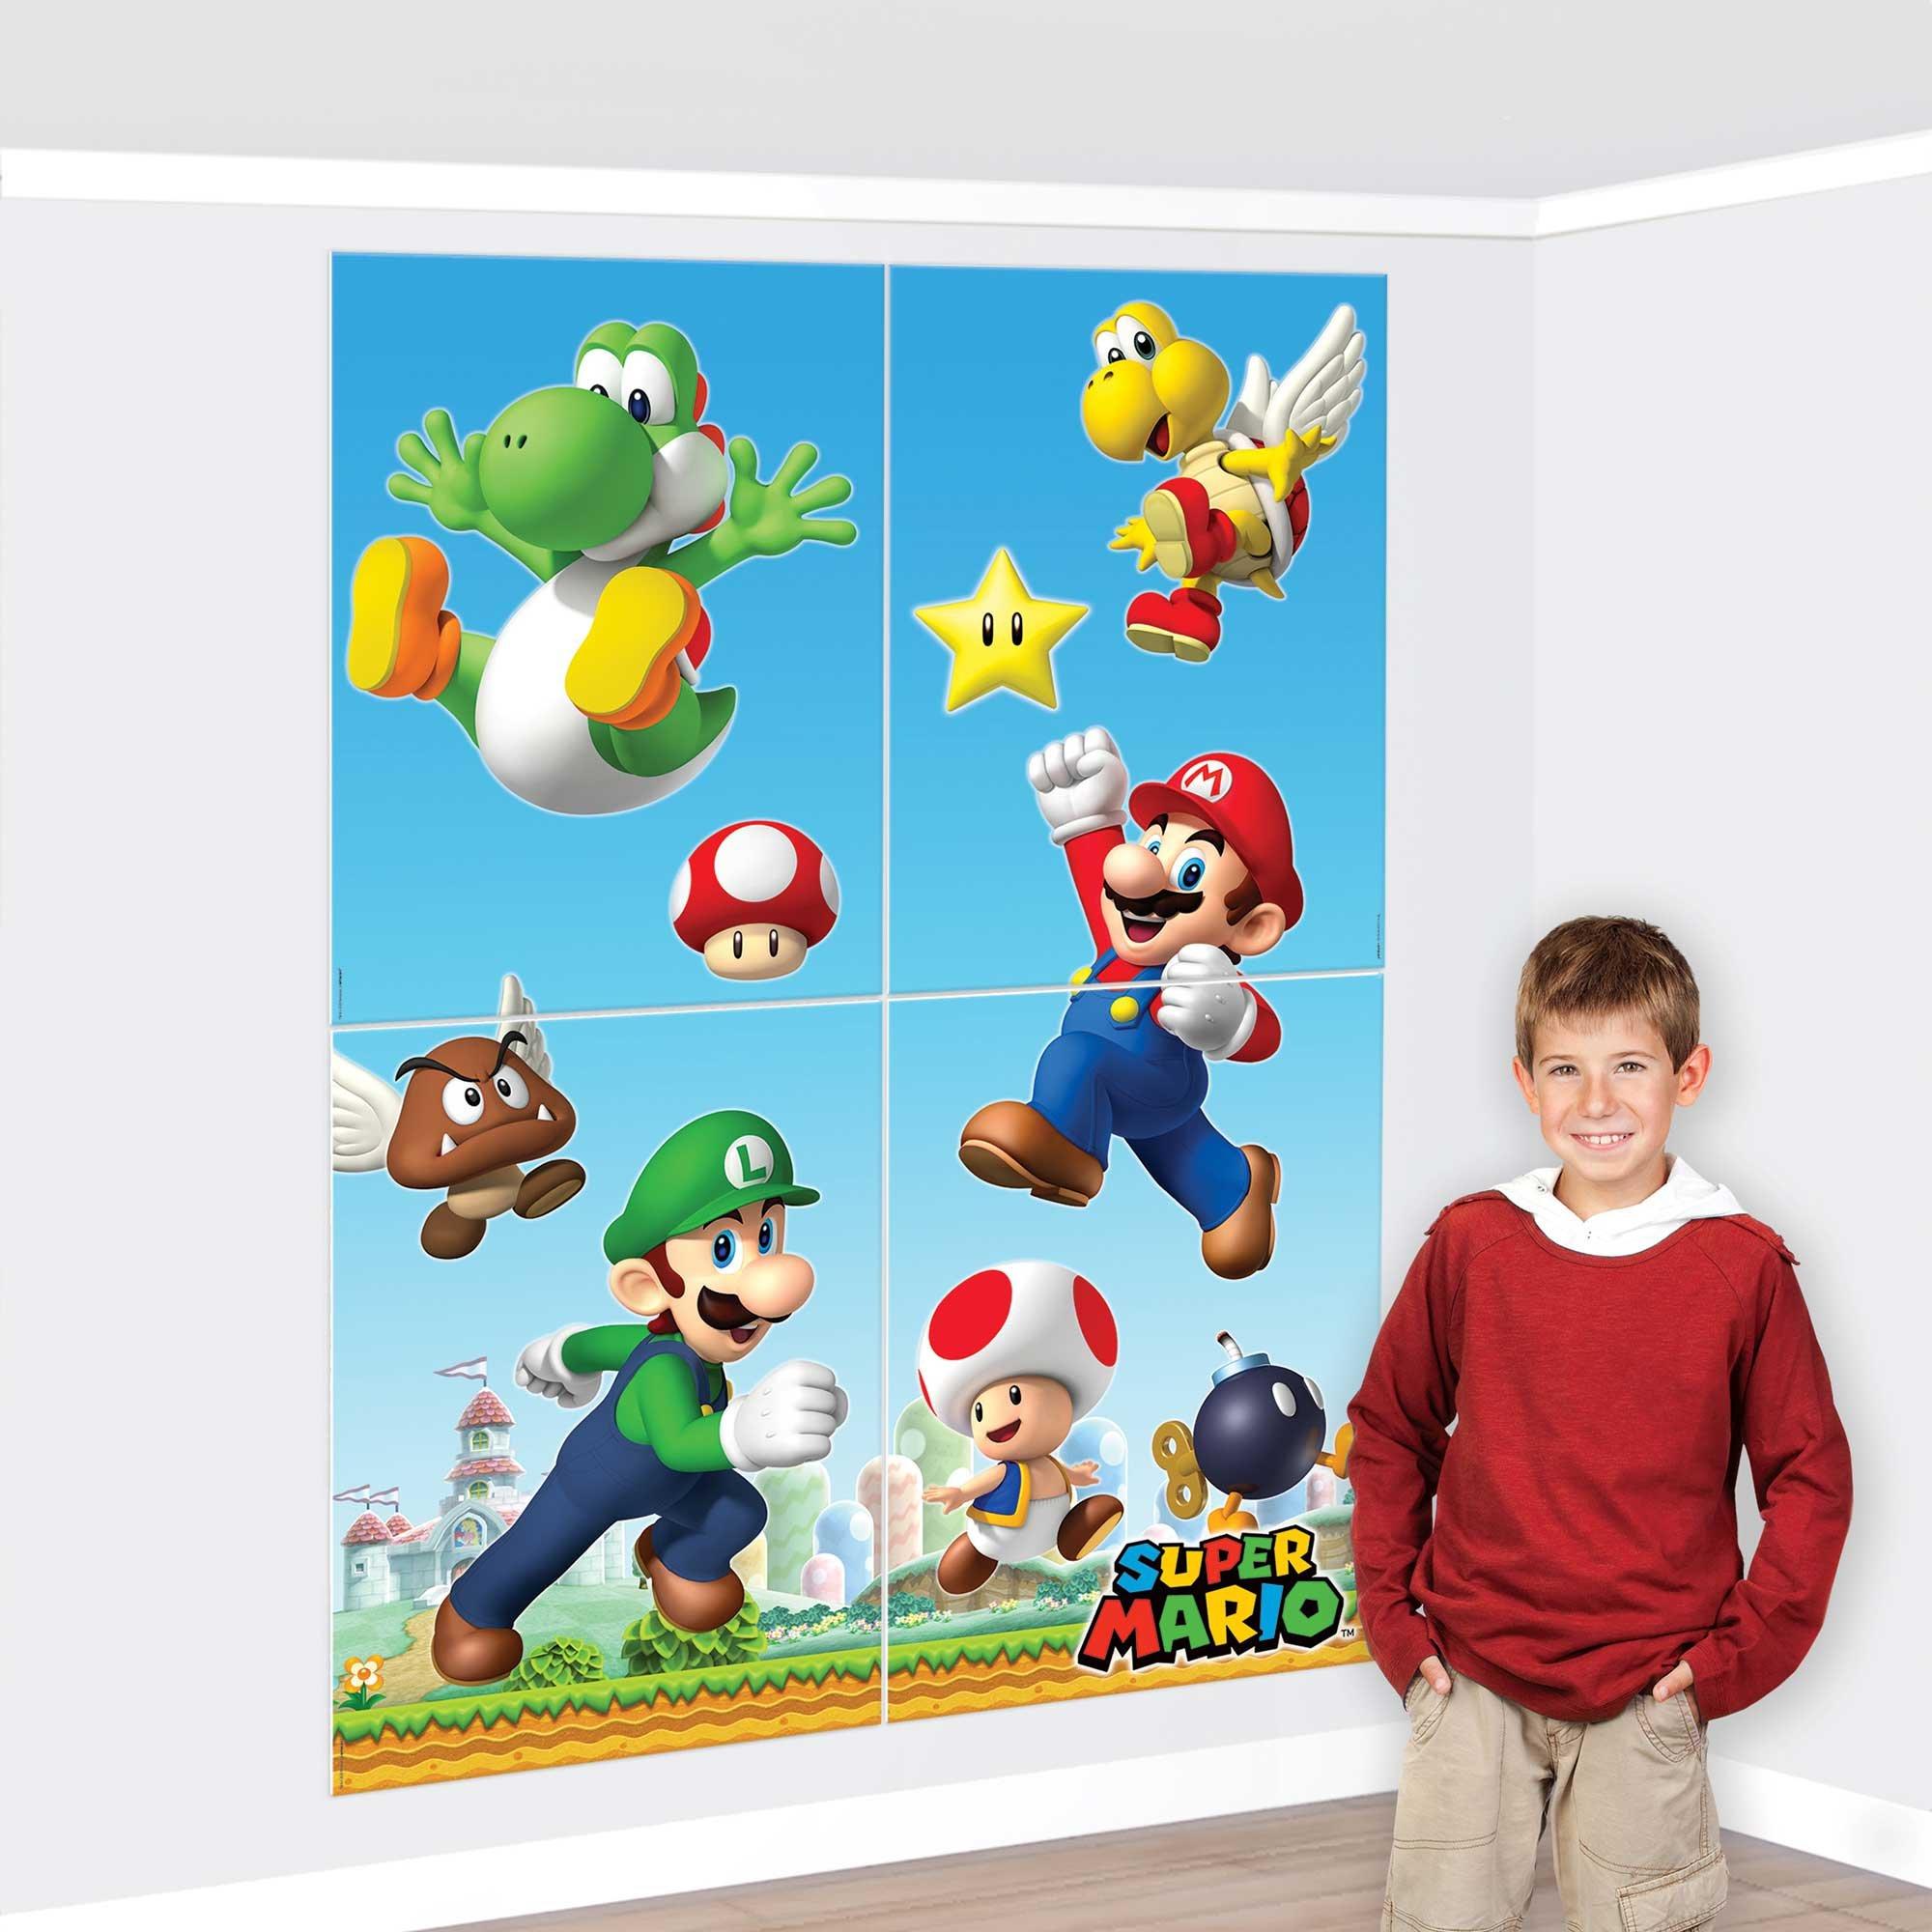 Super Mario Brothers Scene Setter